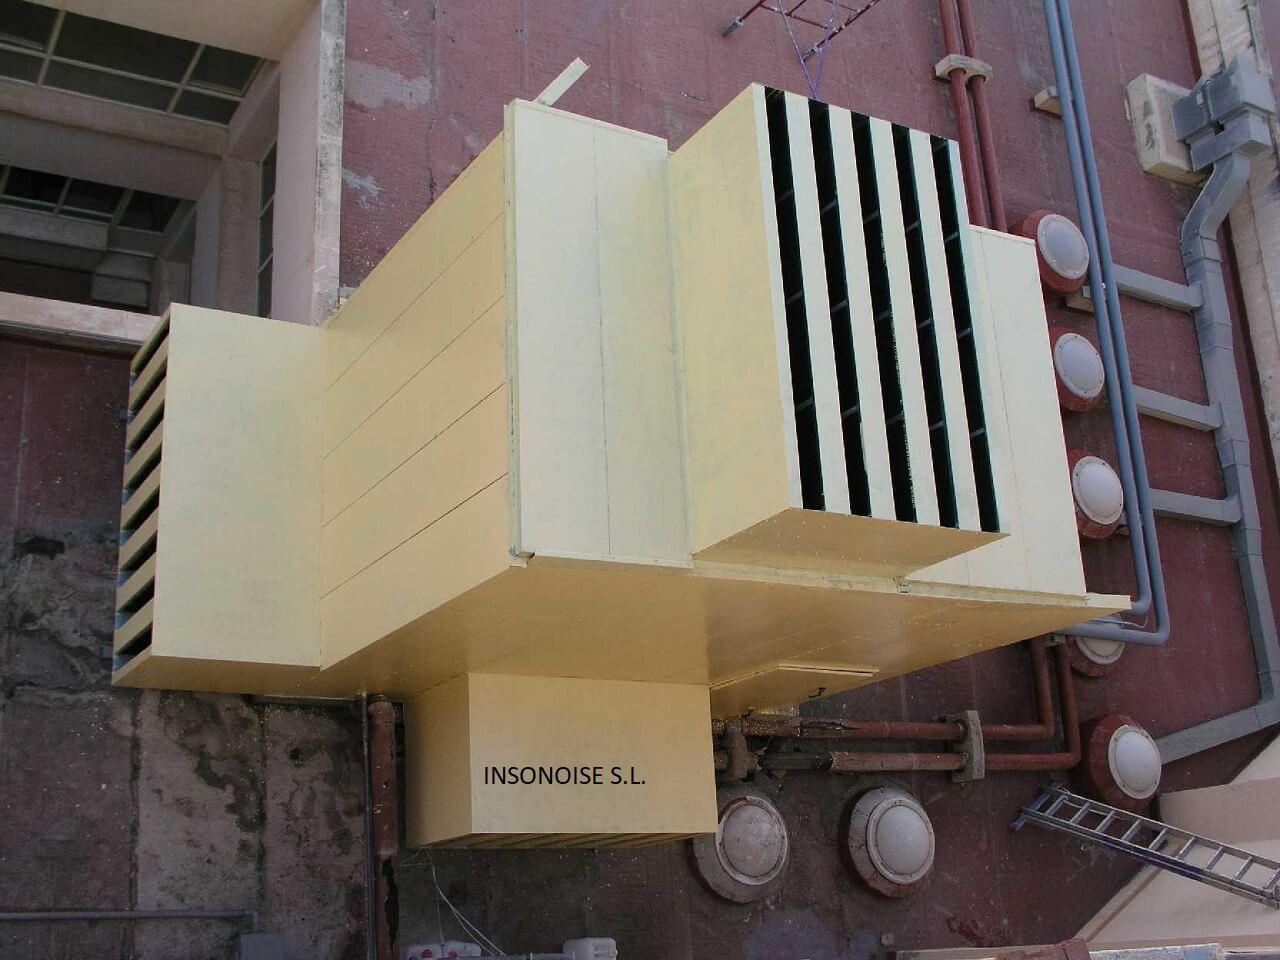 Instalación de cabinas insonorizadas en Alicante